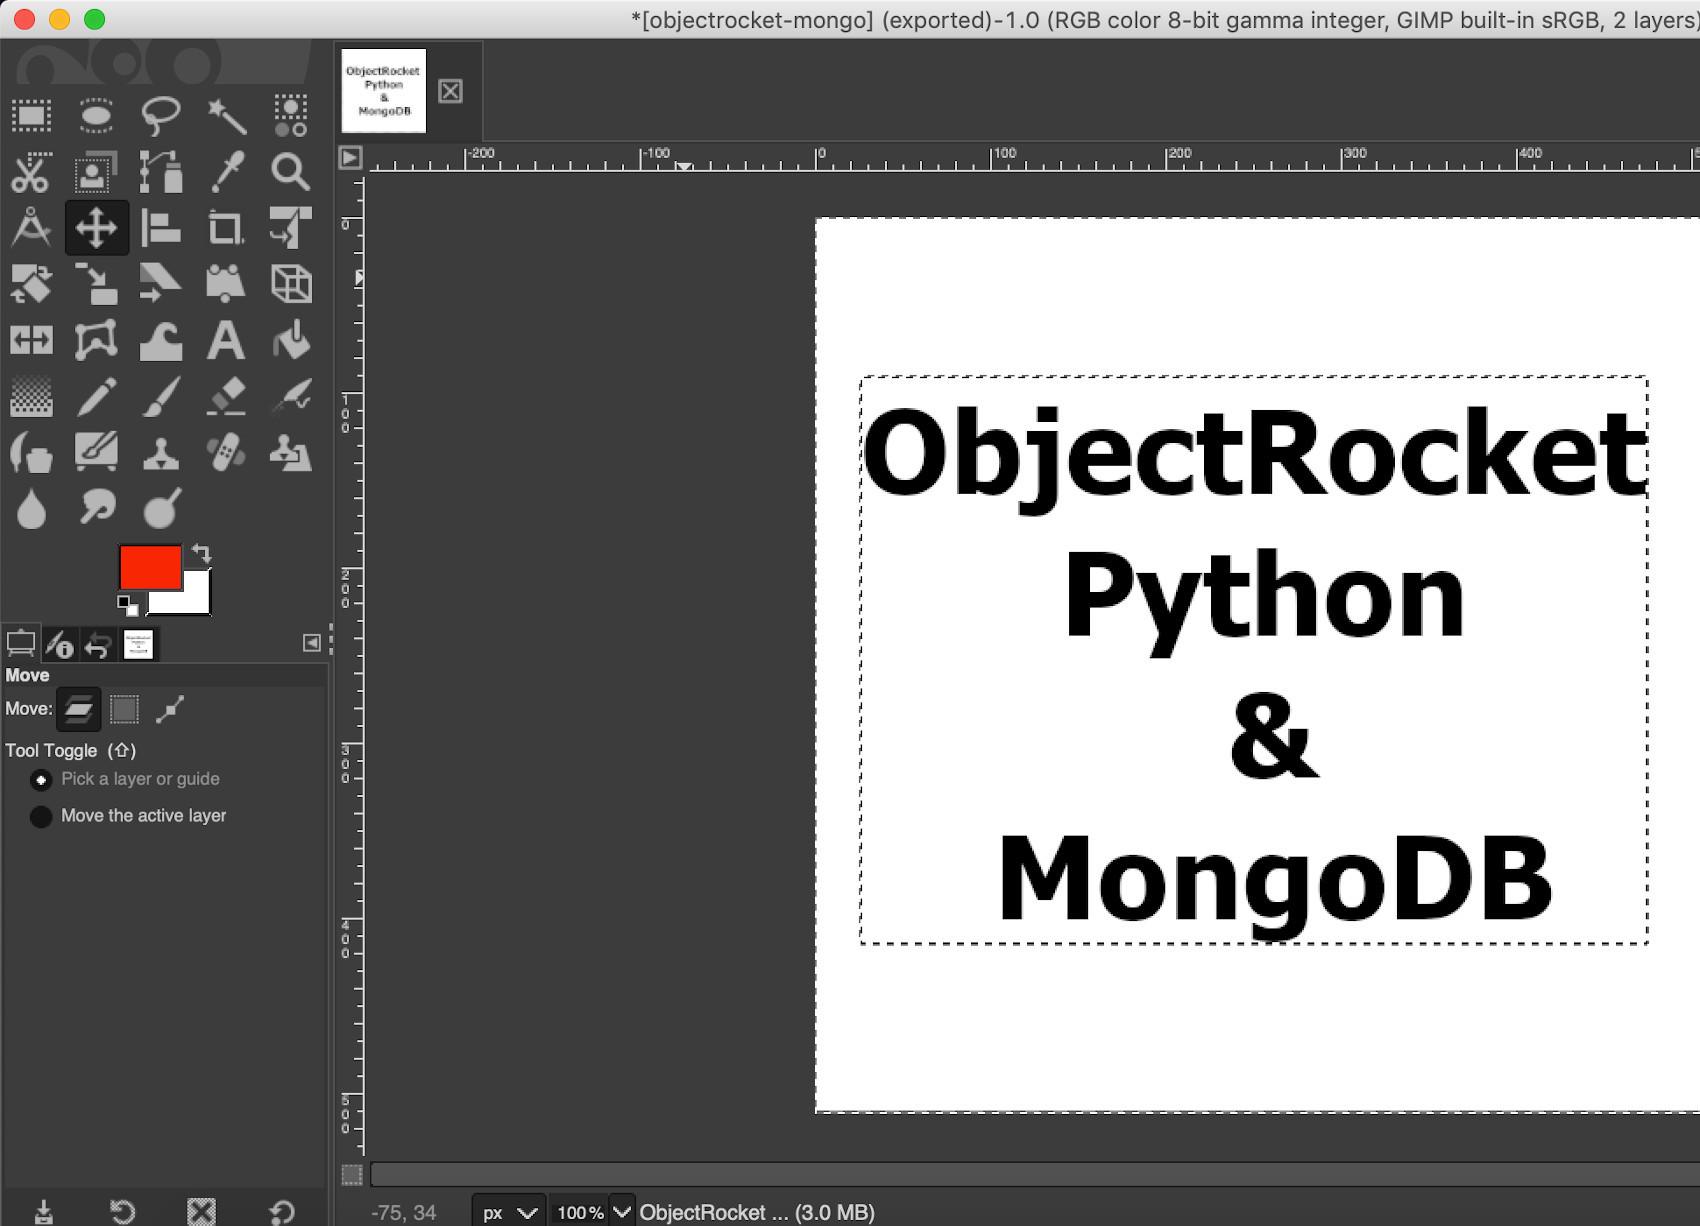 Screenshot of Python PyMongo MongoDB PyTesseract image in GIMP